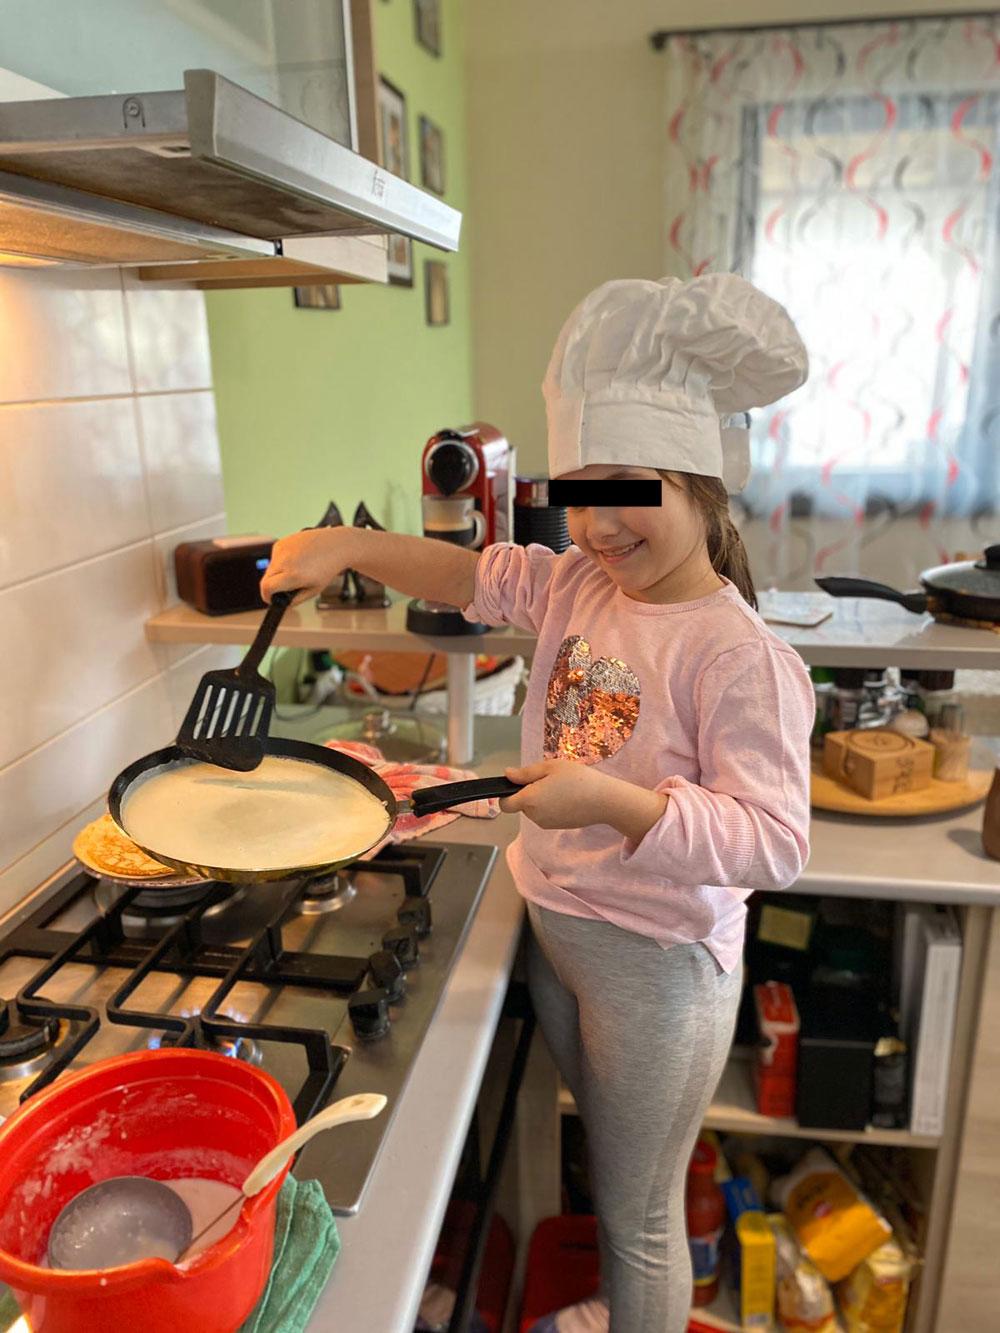 Am pregătit clătite și micul dejun pentru părinții mei